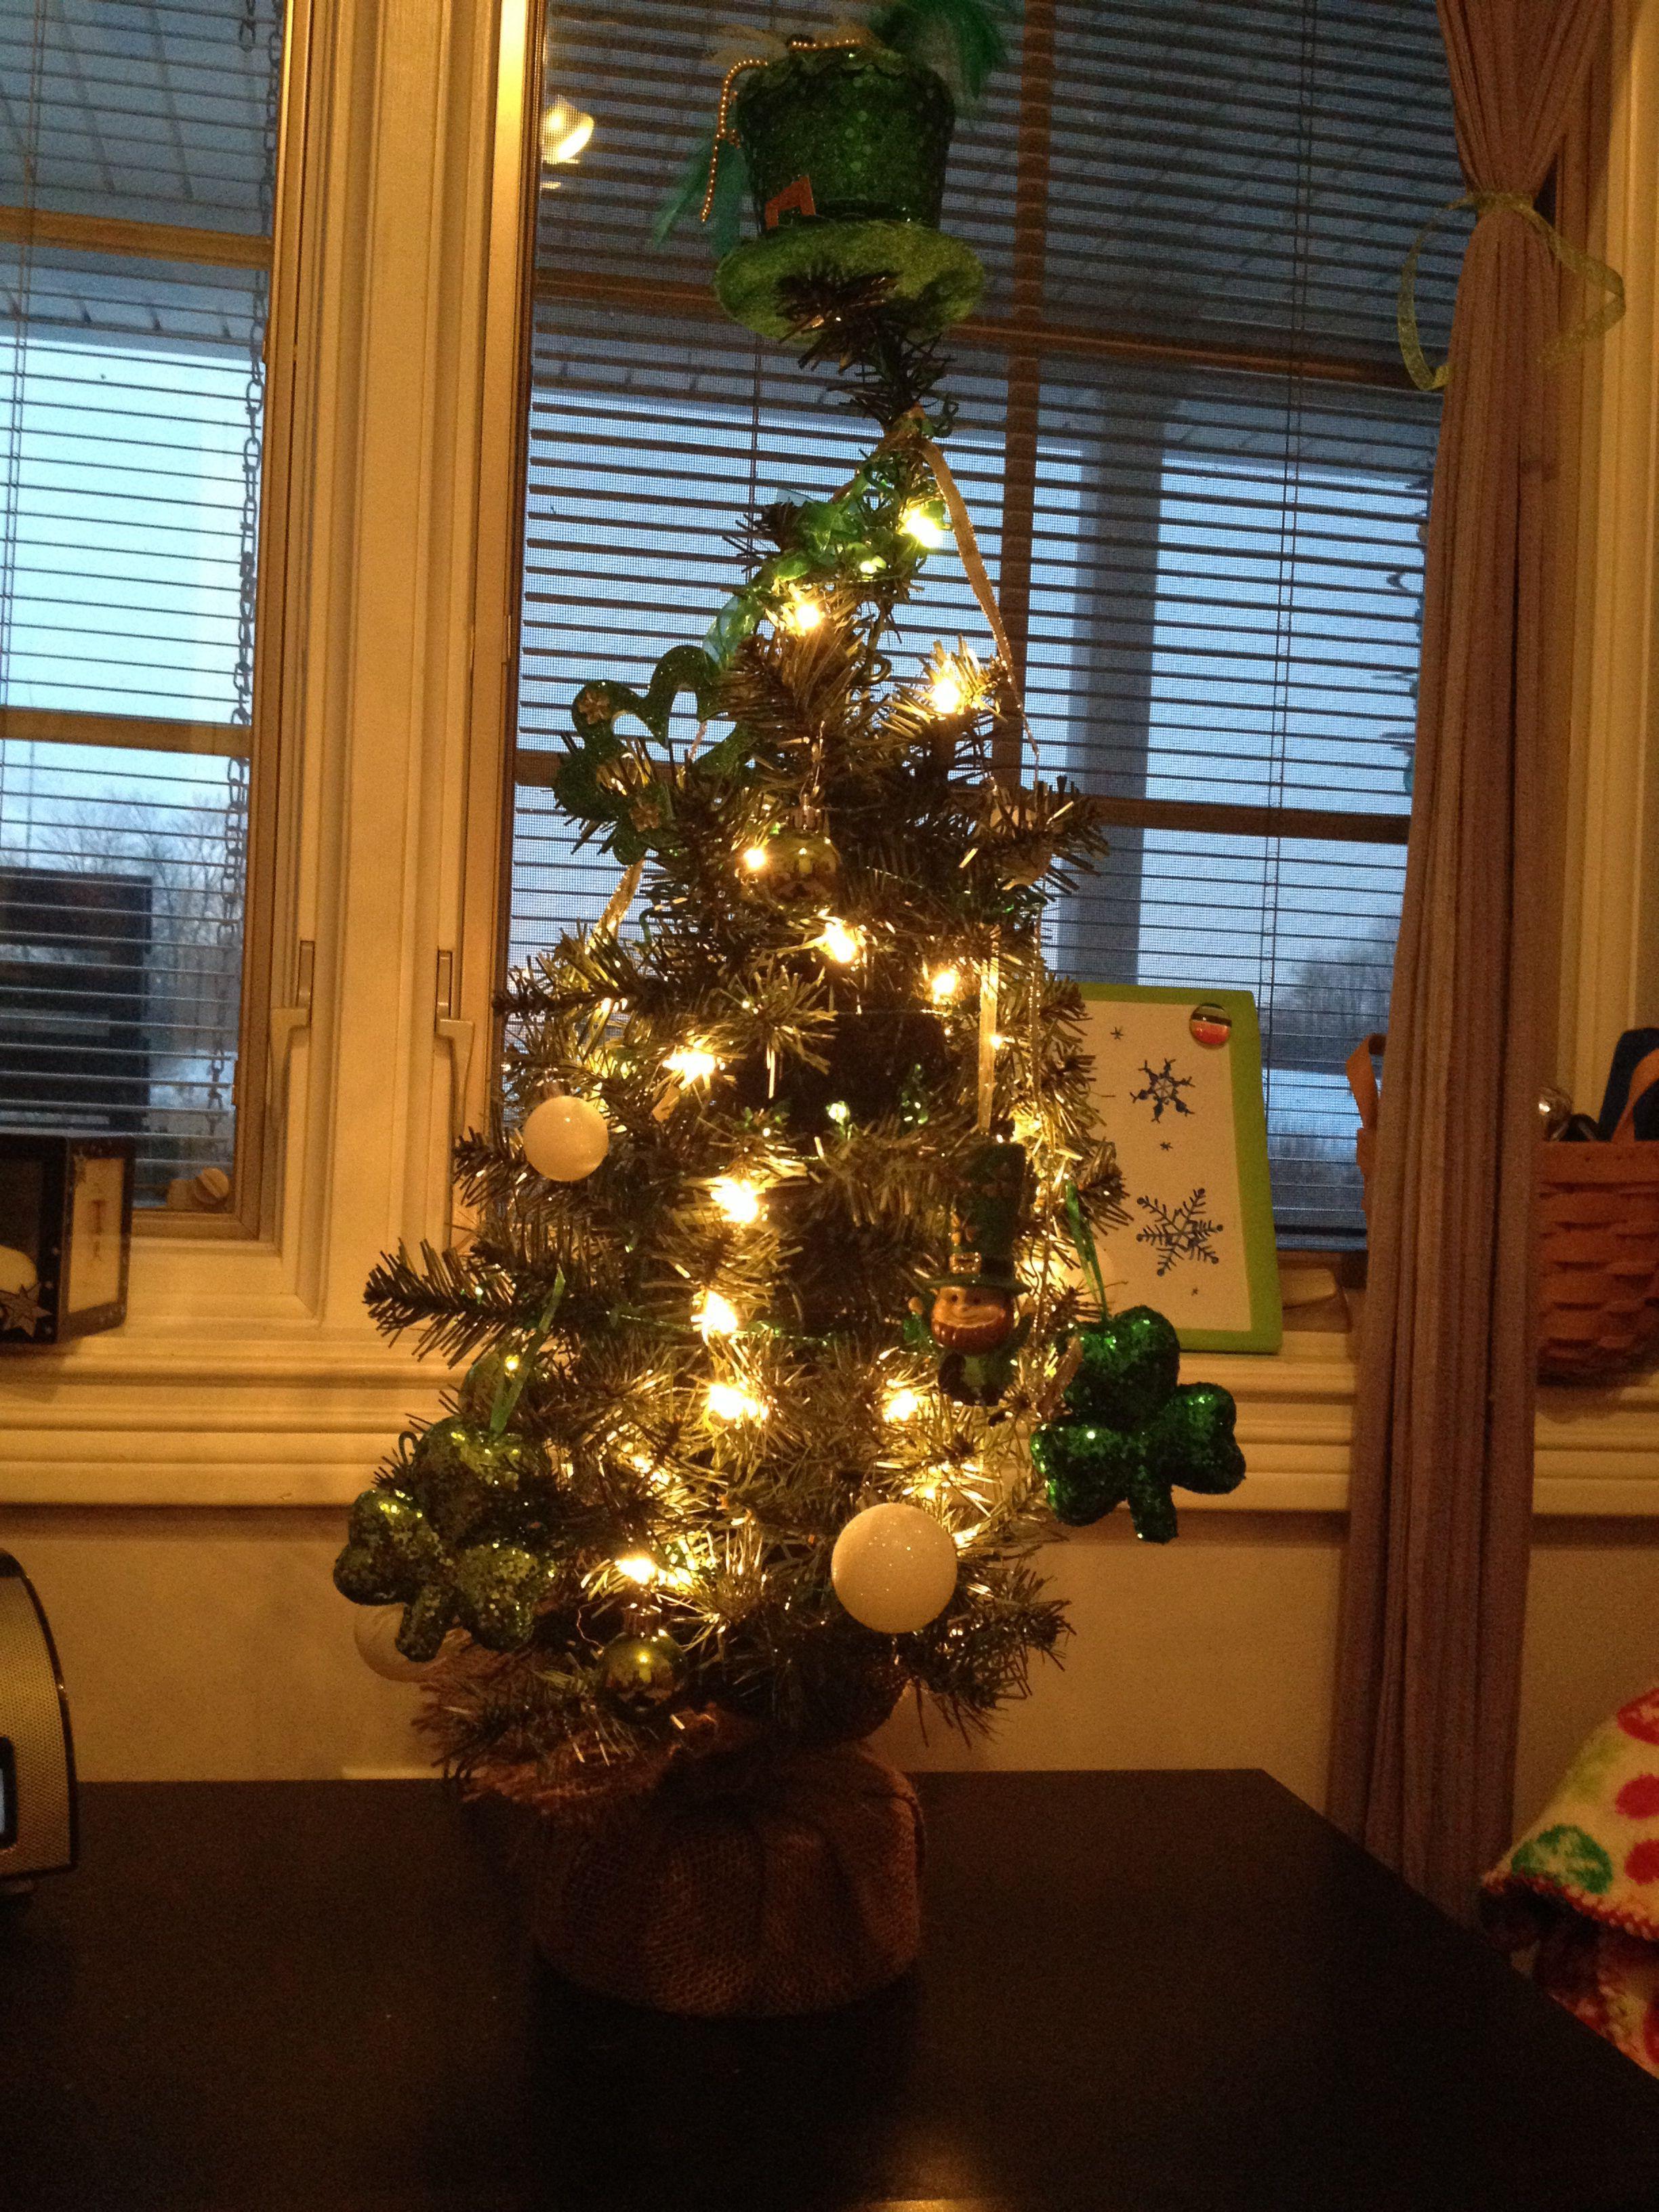 St. Patrick's Day tree!!! Holiday decor